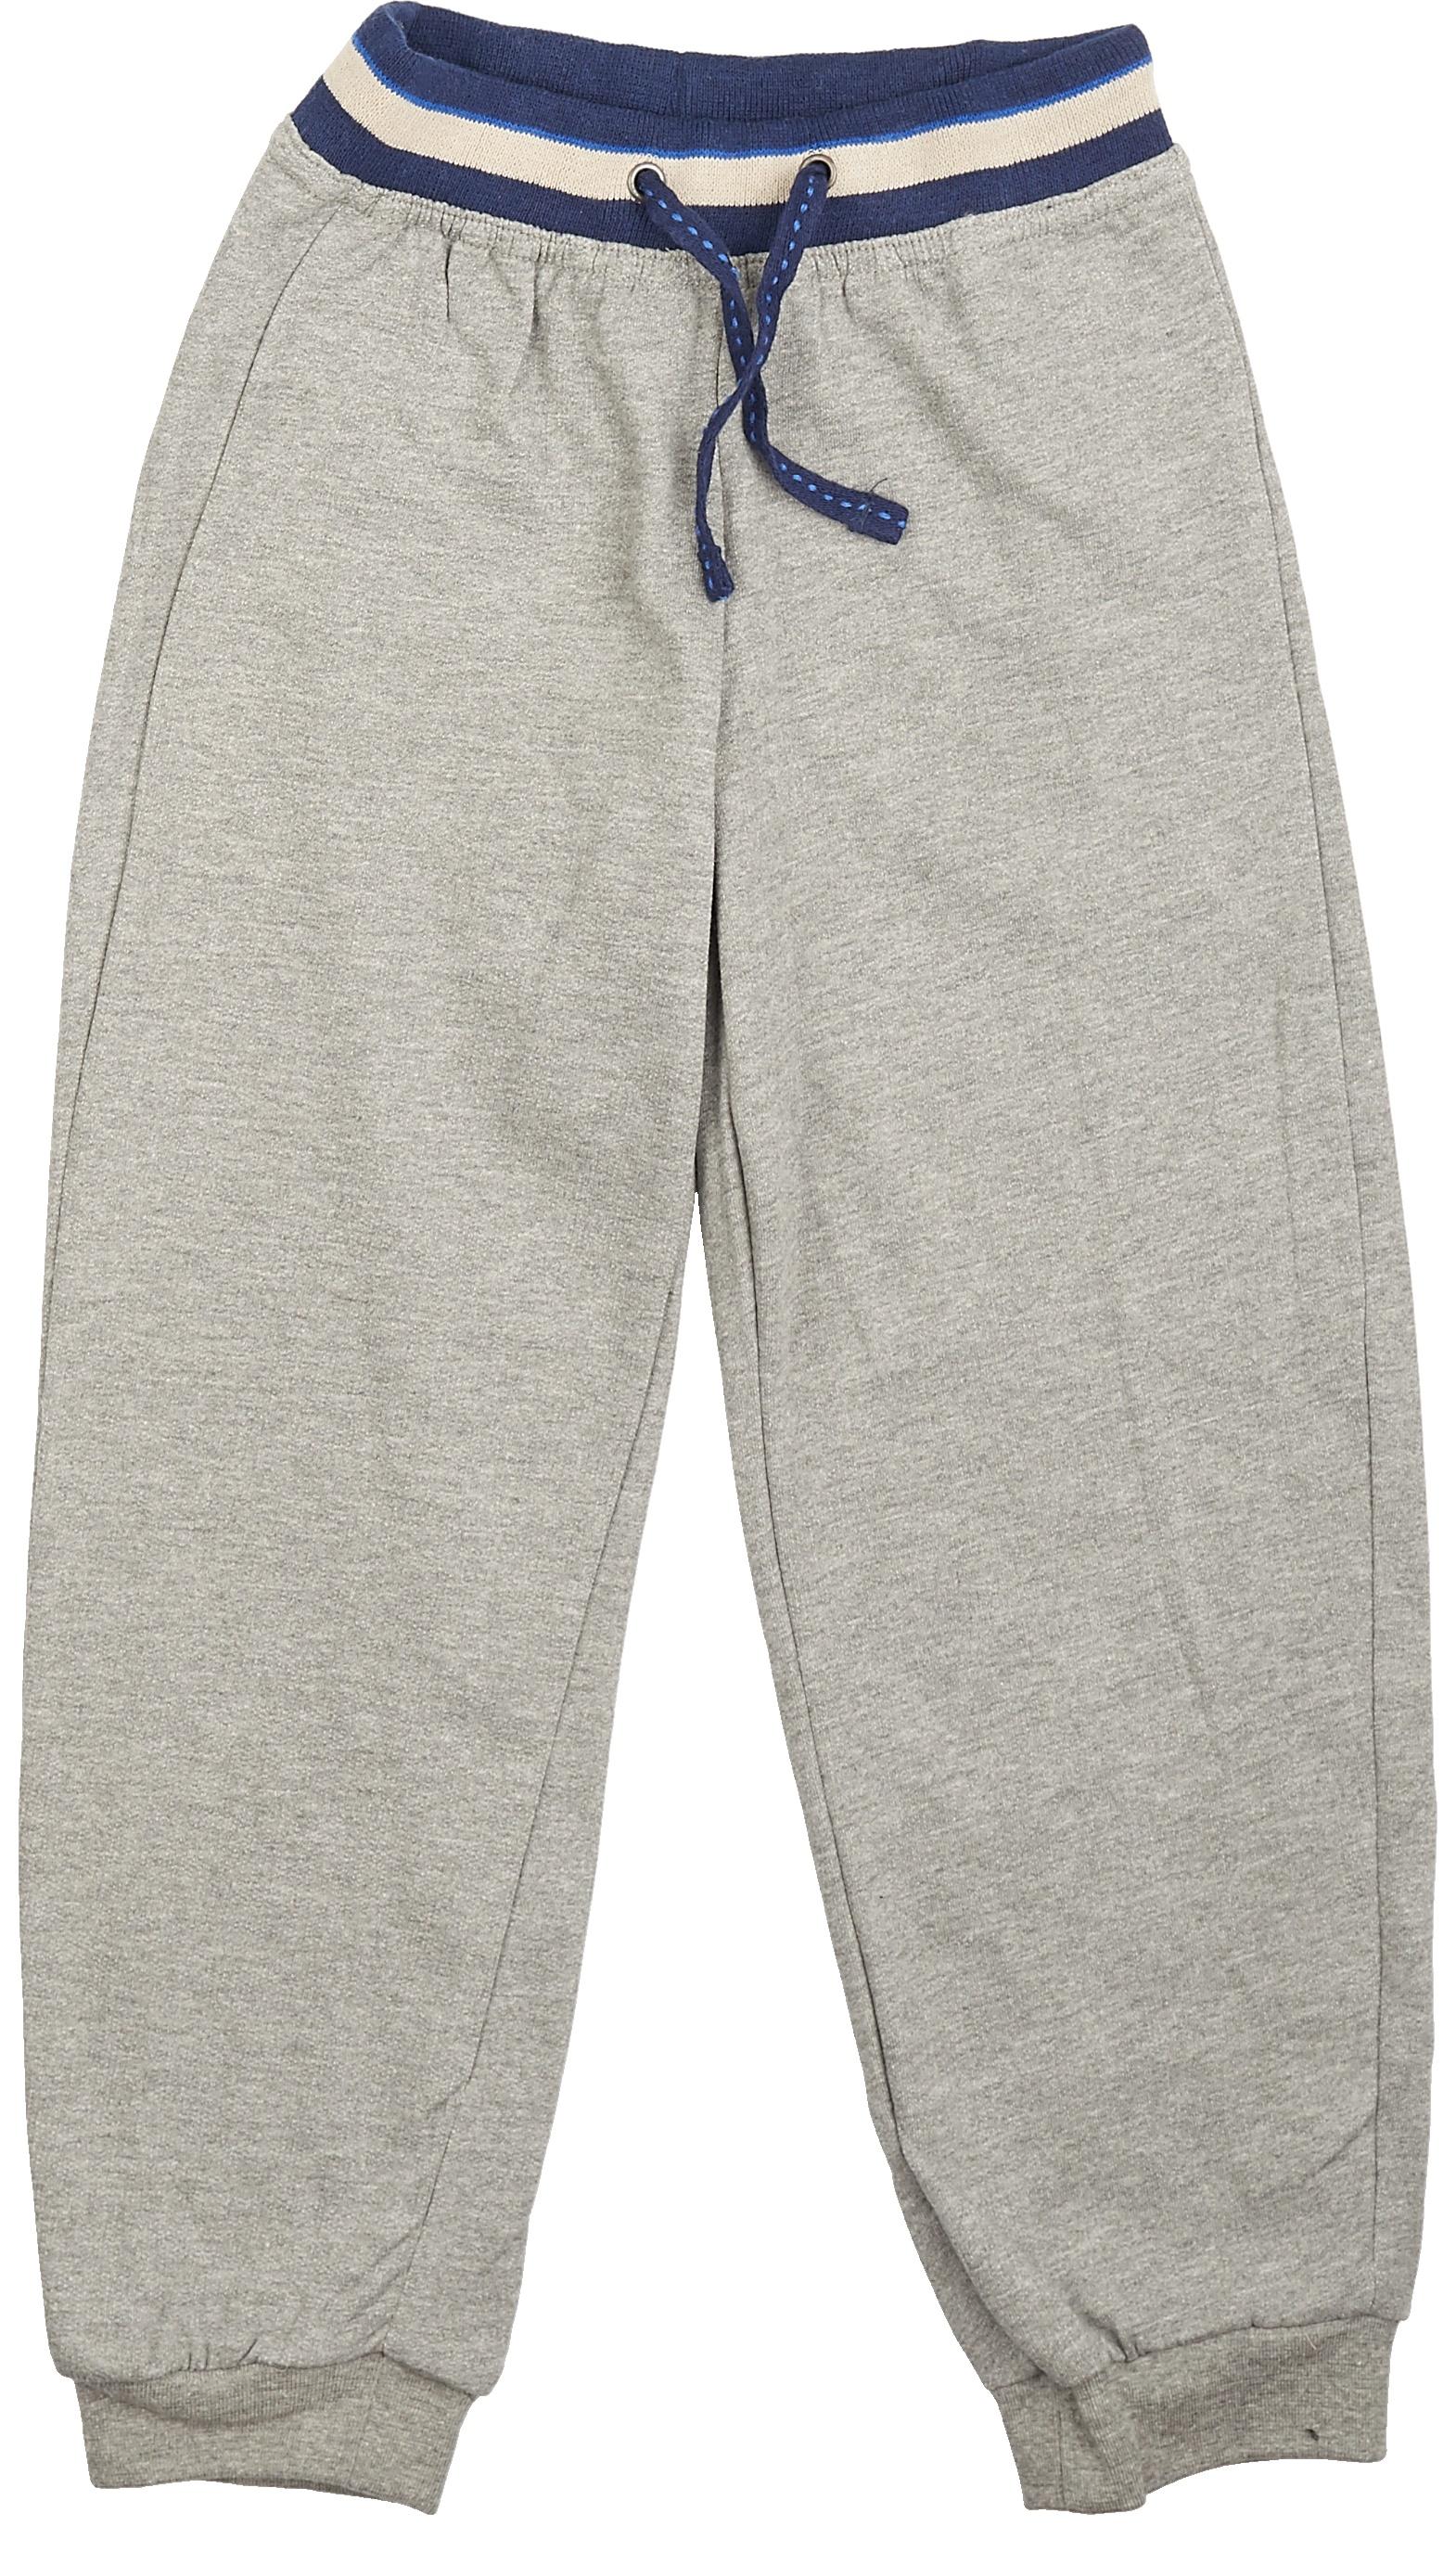 брюки серого цвета mek ут 00008880 Брюки спортивные PEPPERT'S